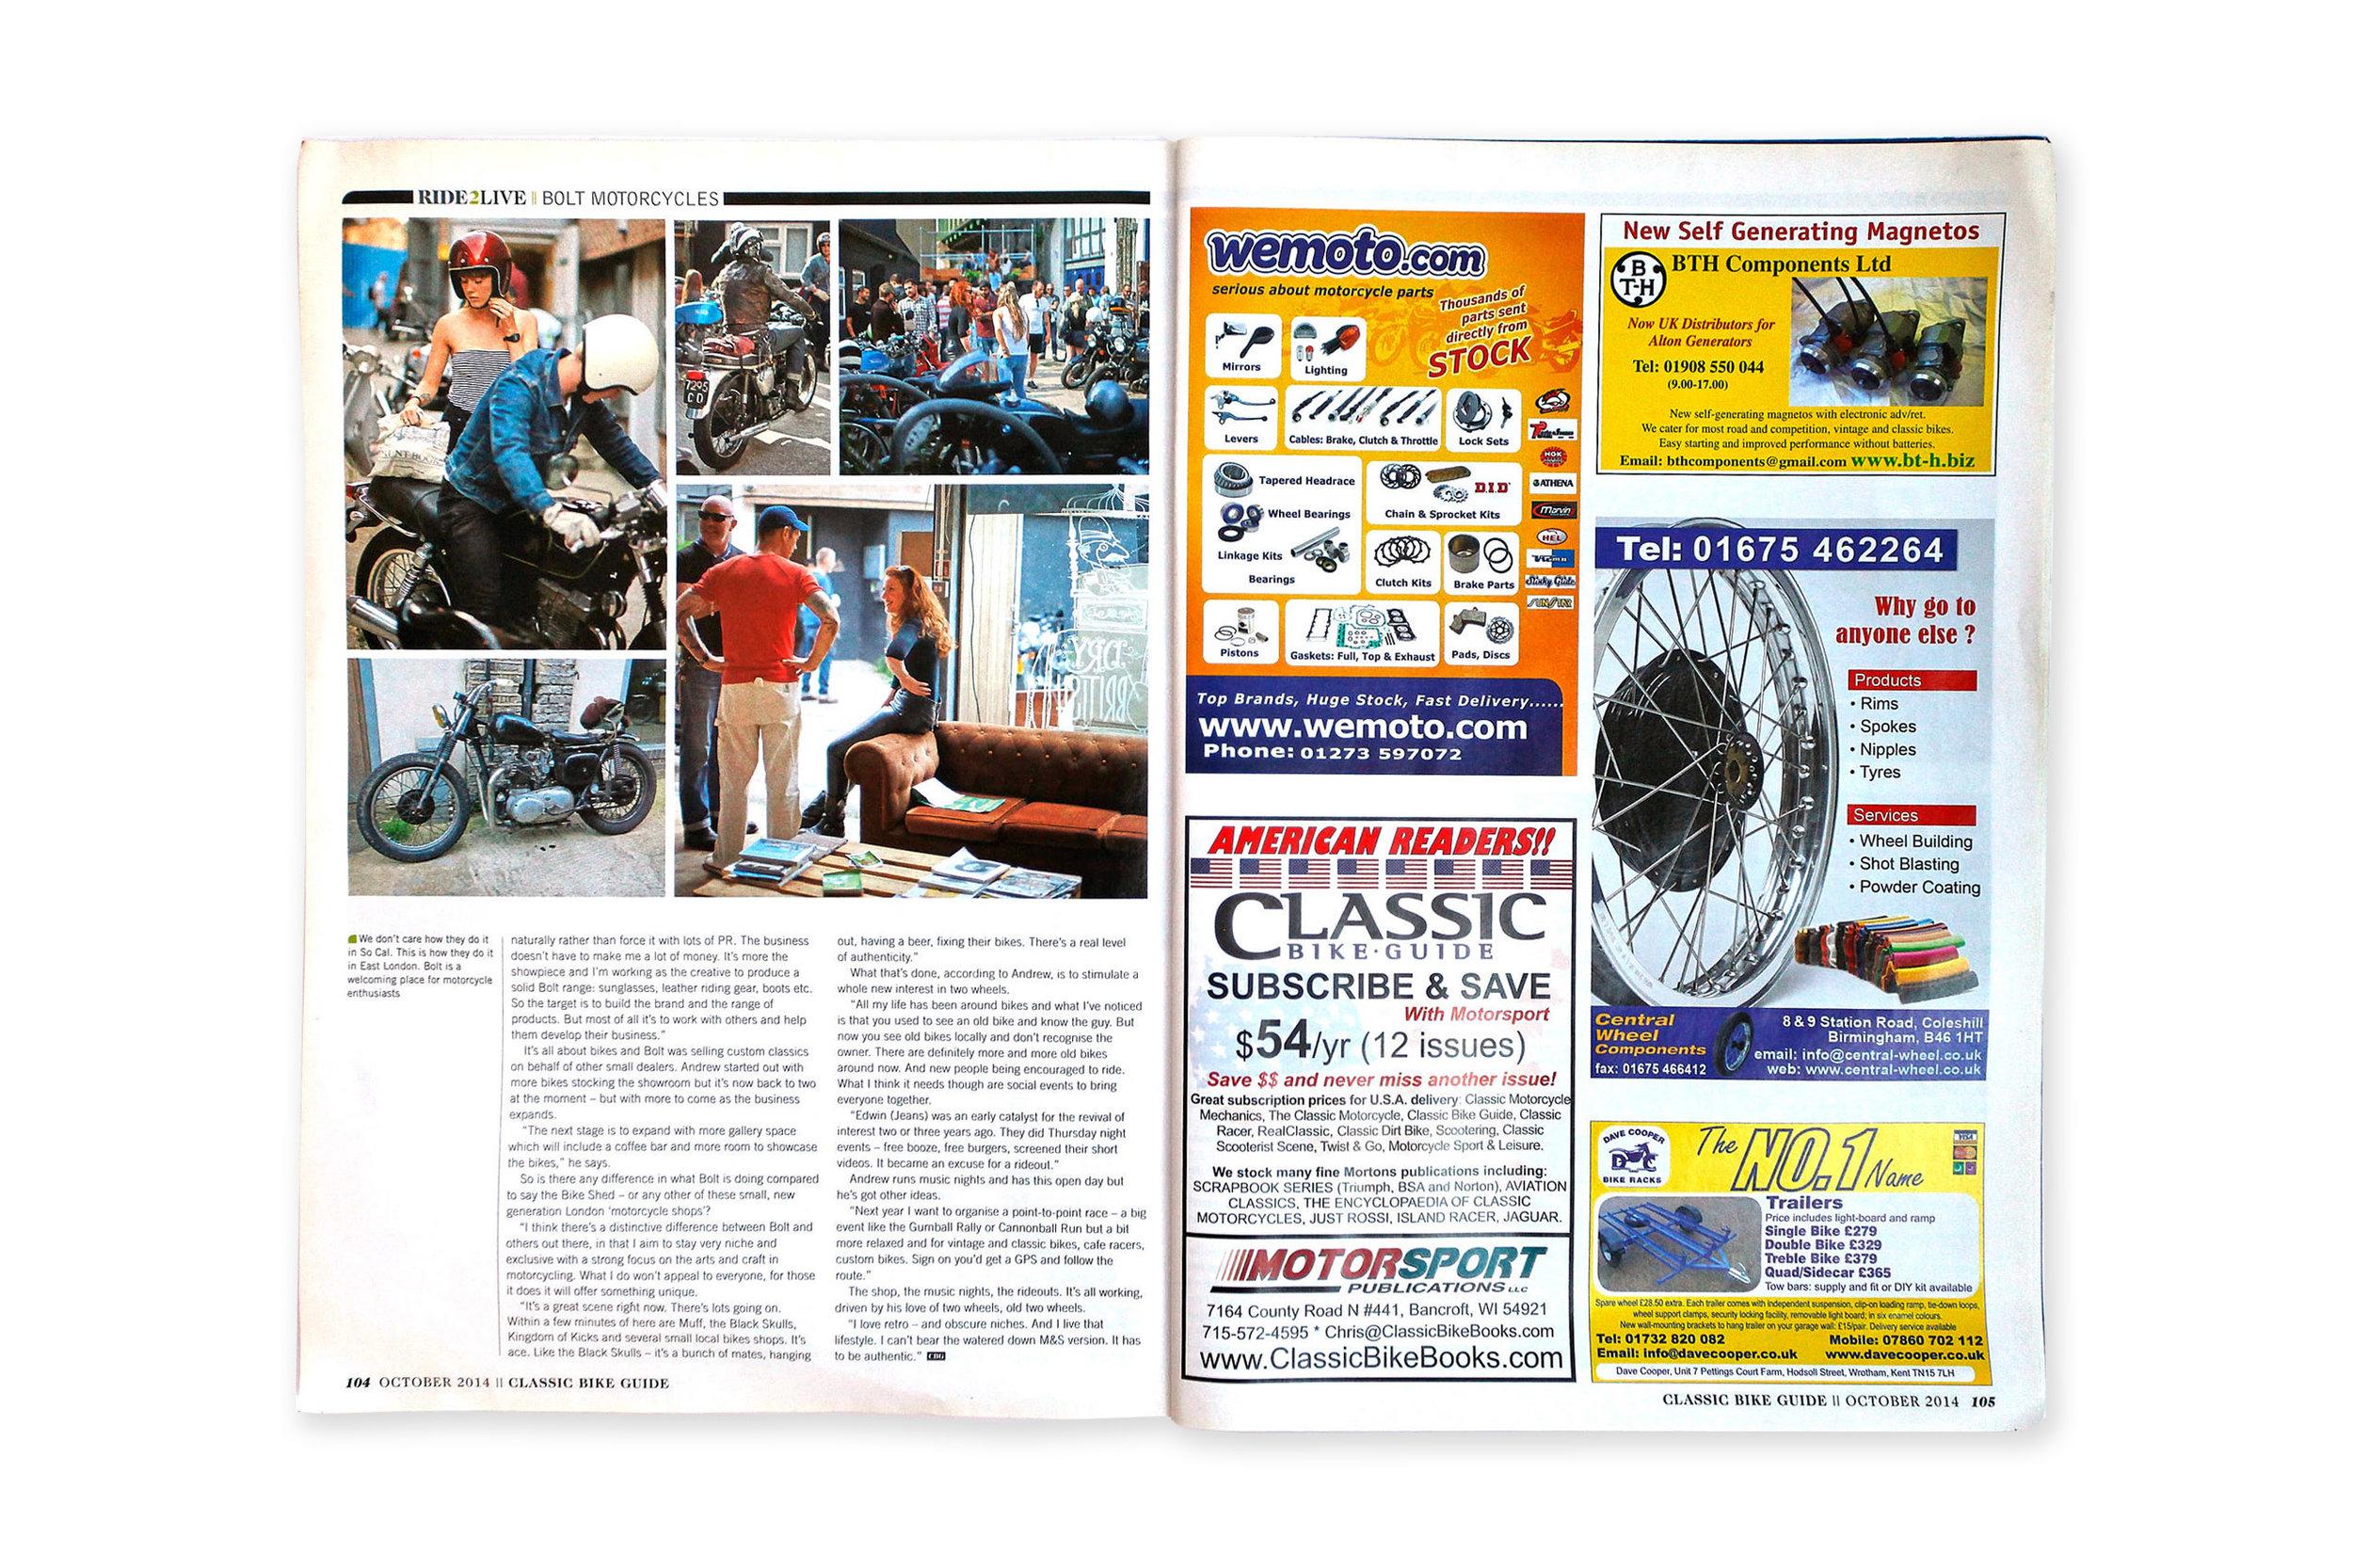 classic bike guide V282 1.2.jpg